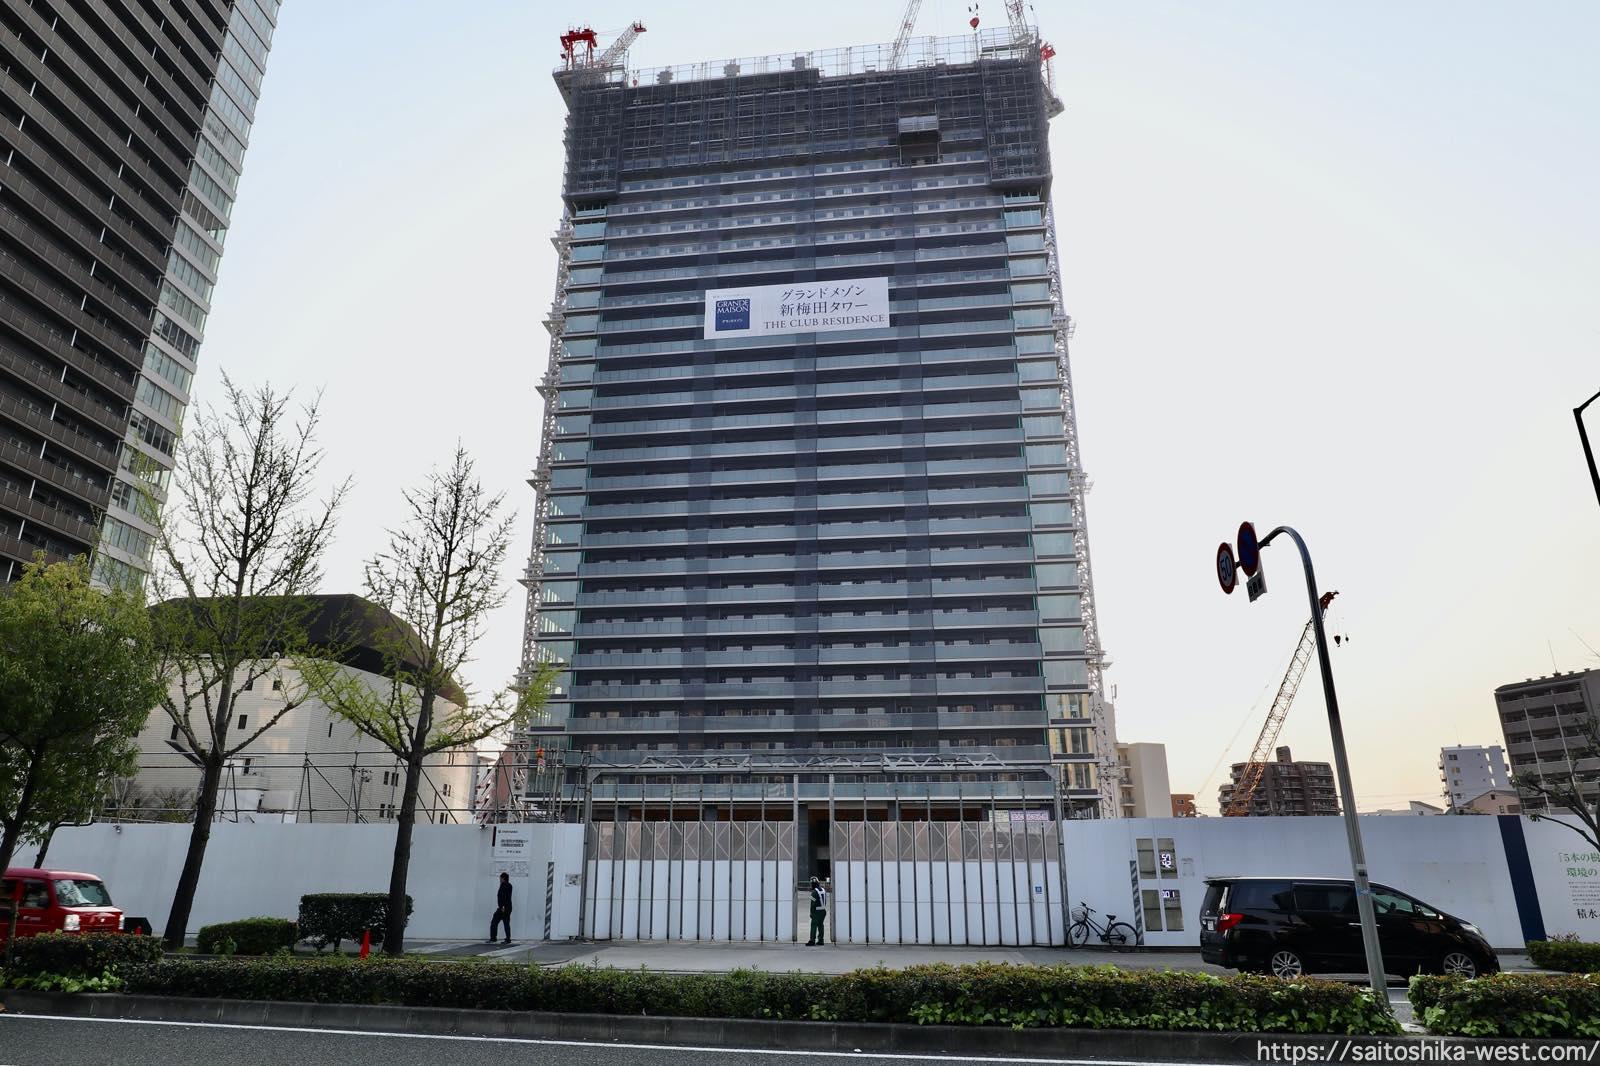 グランドメゾン新梅田タワー THE CLUB RESIDENCEの建設状況 21.03